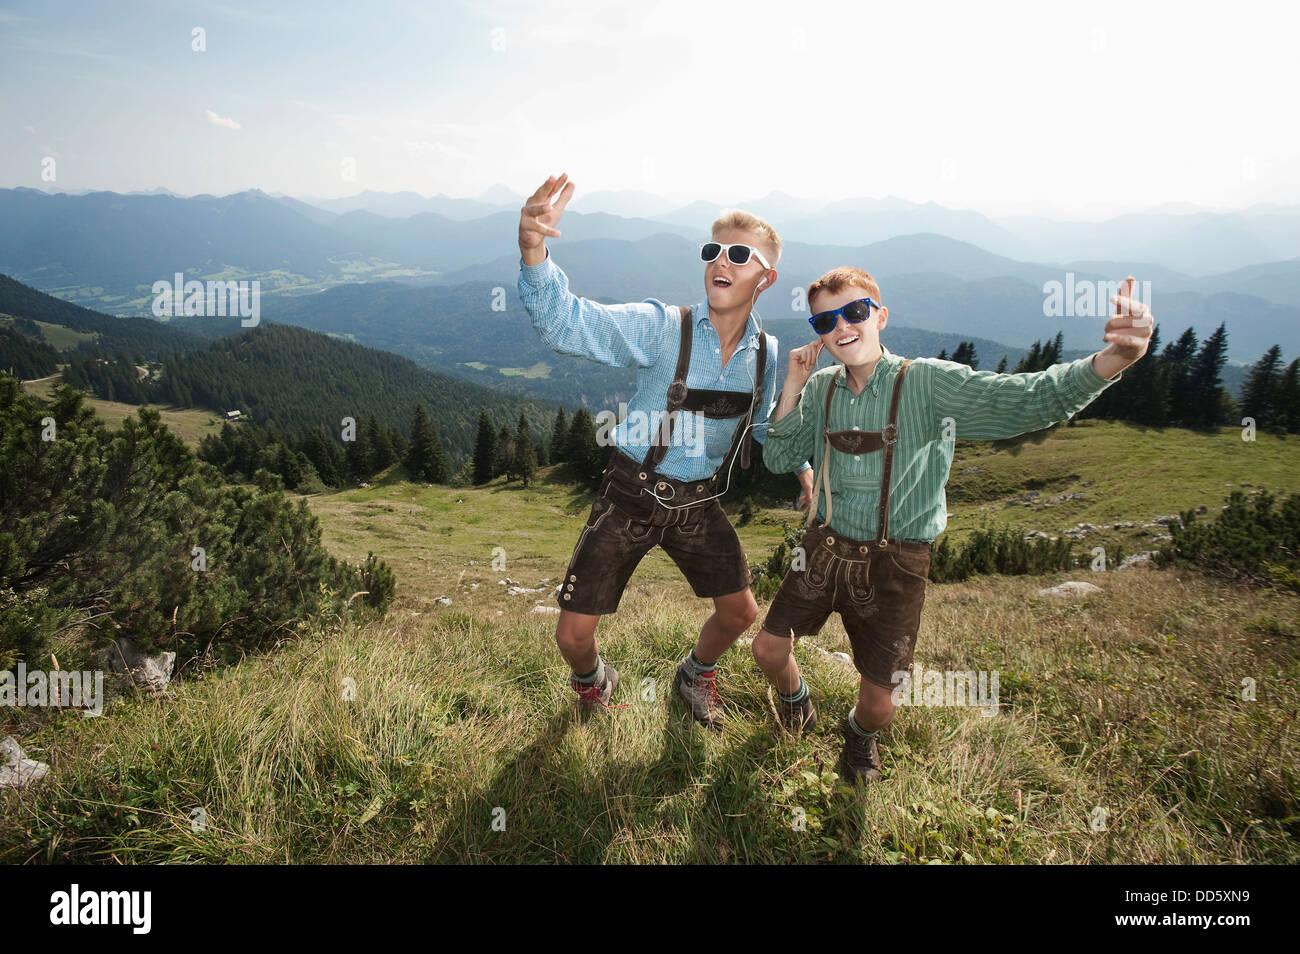 In Germania, in Baviera, due ragazzi in abbigliamento tradizionale ingannare intorno in montagna Immagini Stock